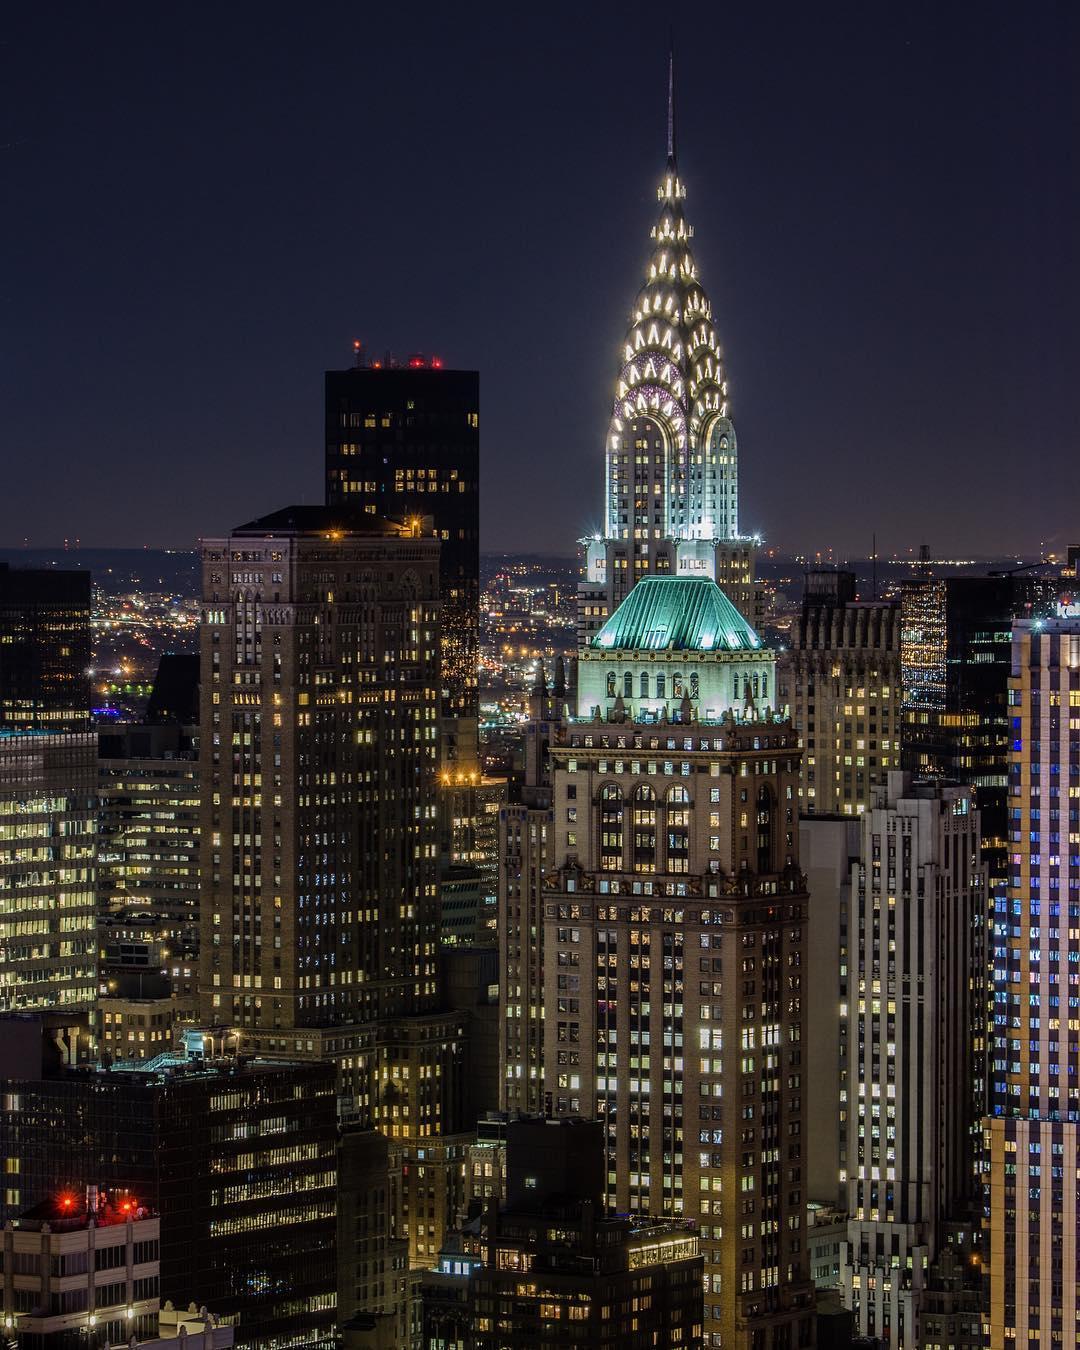 Сан-Франциско и Нью-Йорк на снимках Эвана Мейера (25 фото)